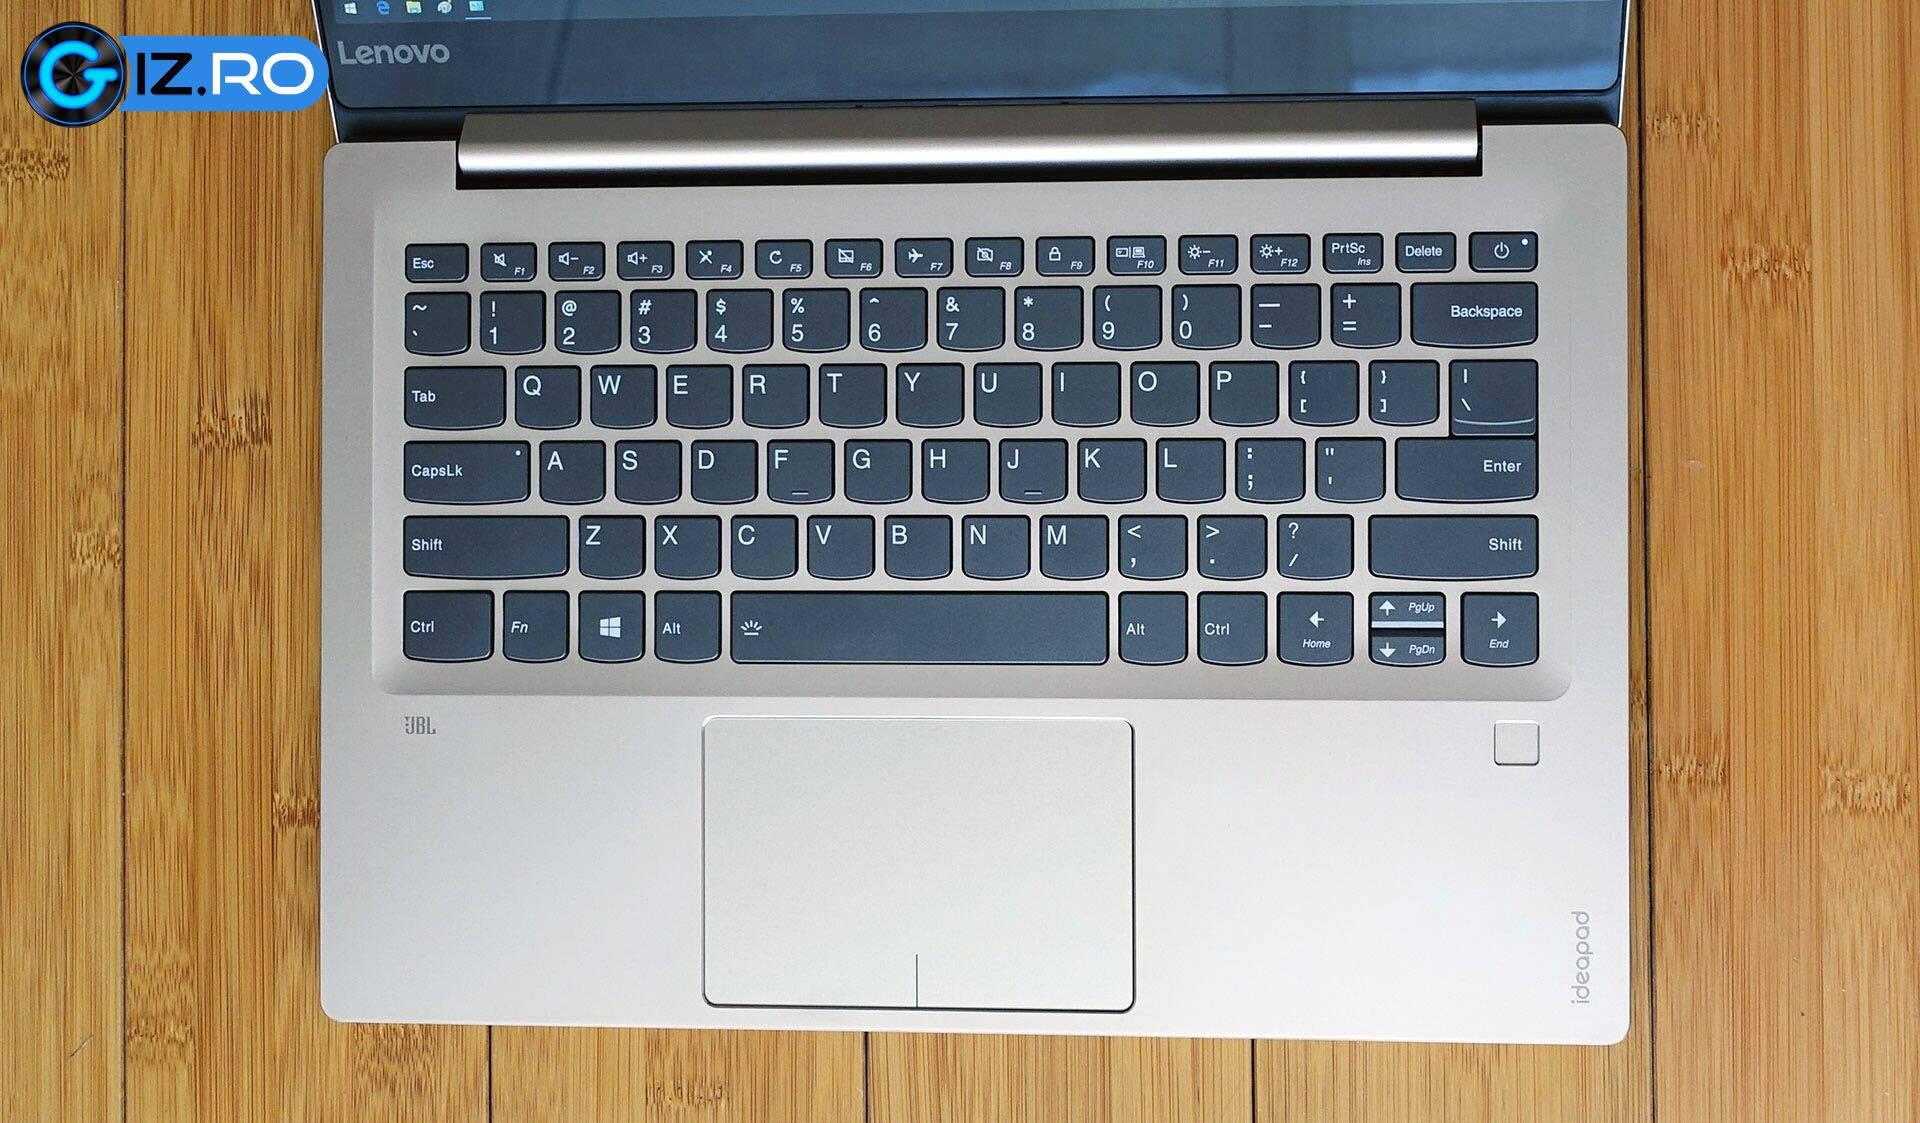 lenovo-ideapad-720s-keyboard-trackpad-layout